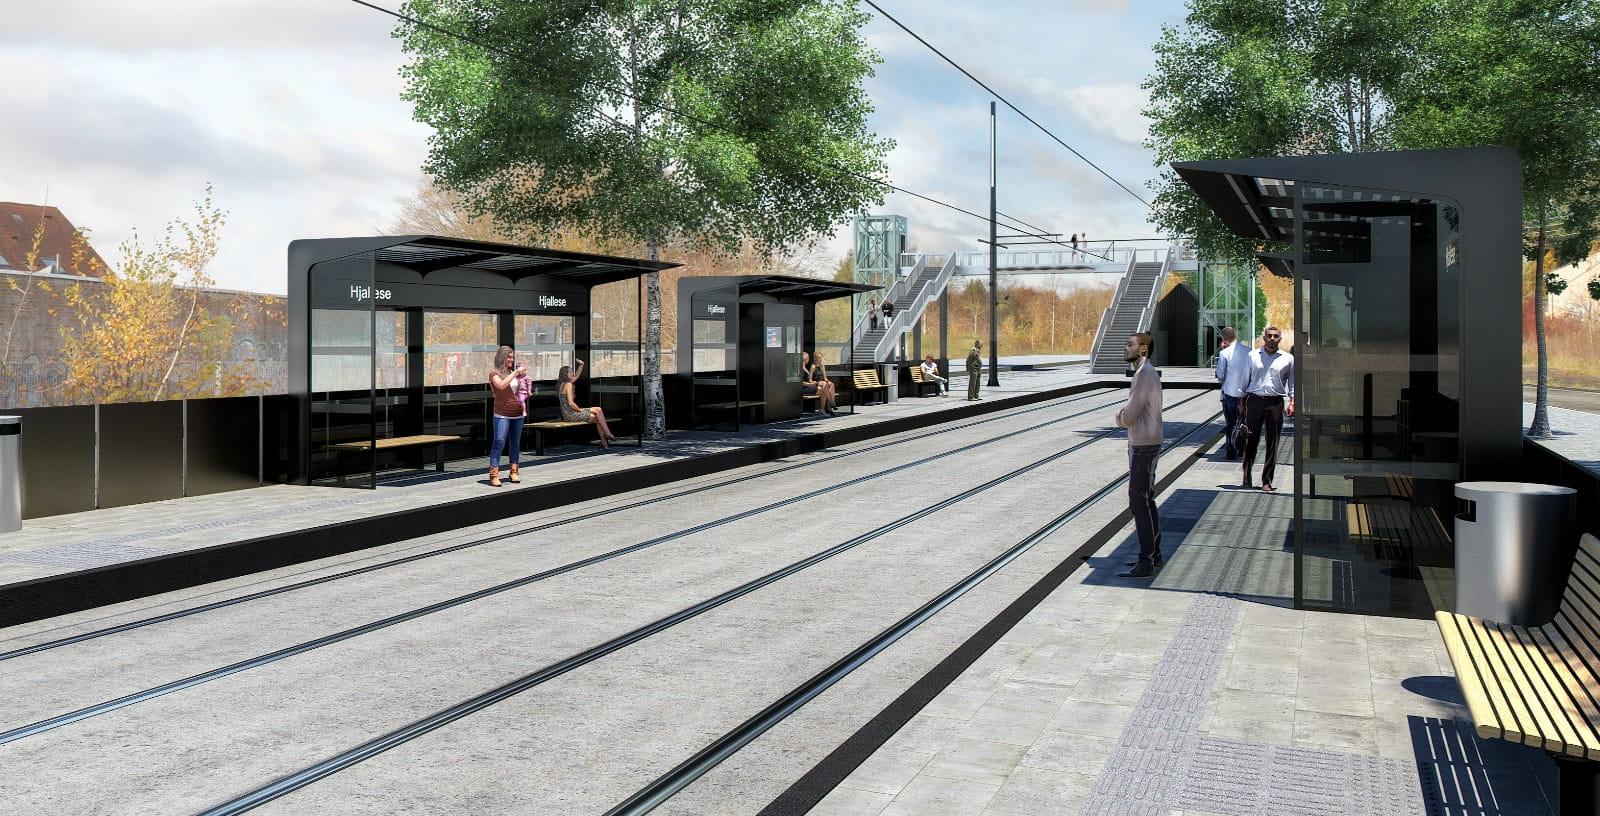 IDOM_Odense1_tram-min-min